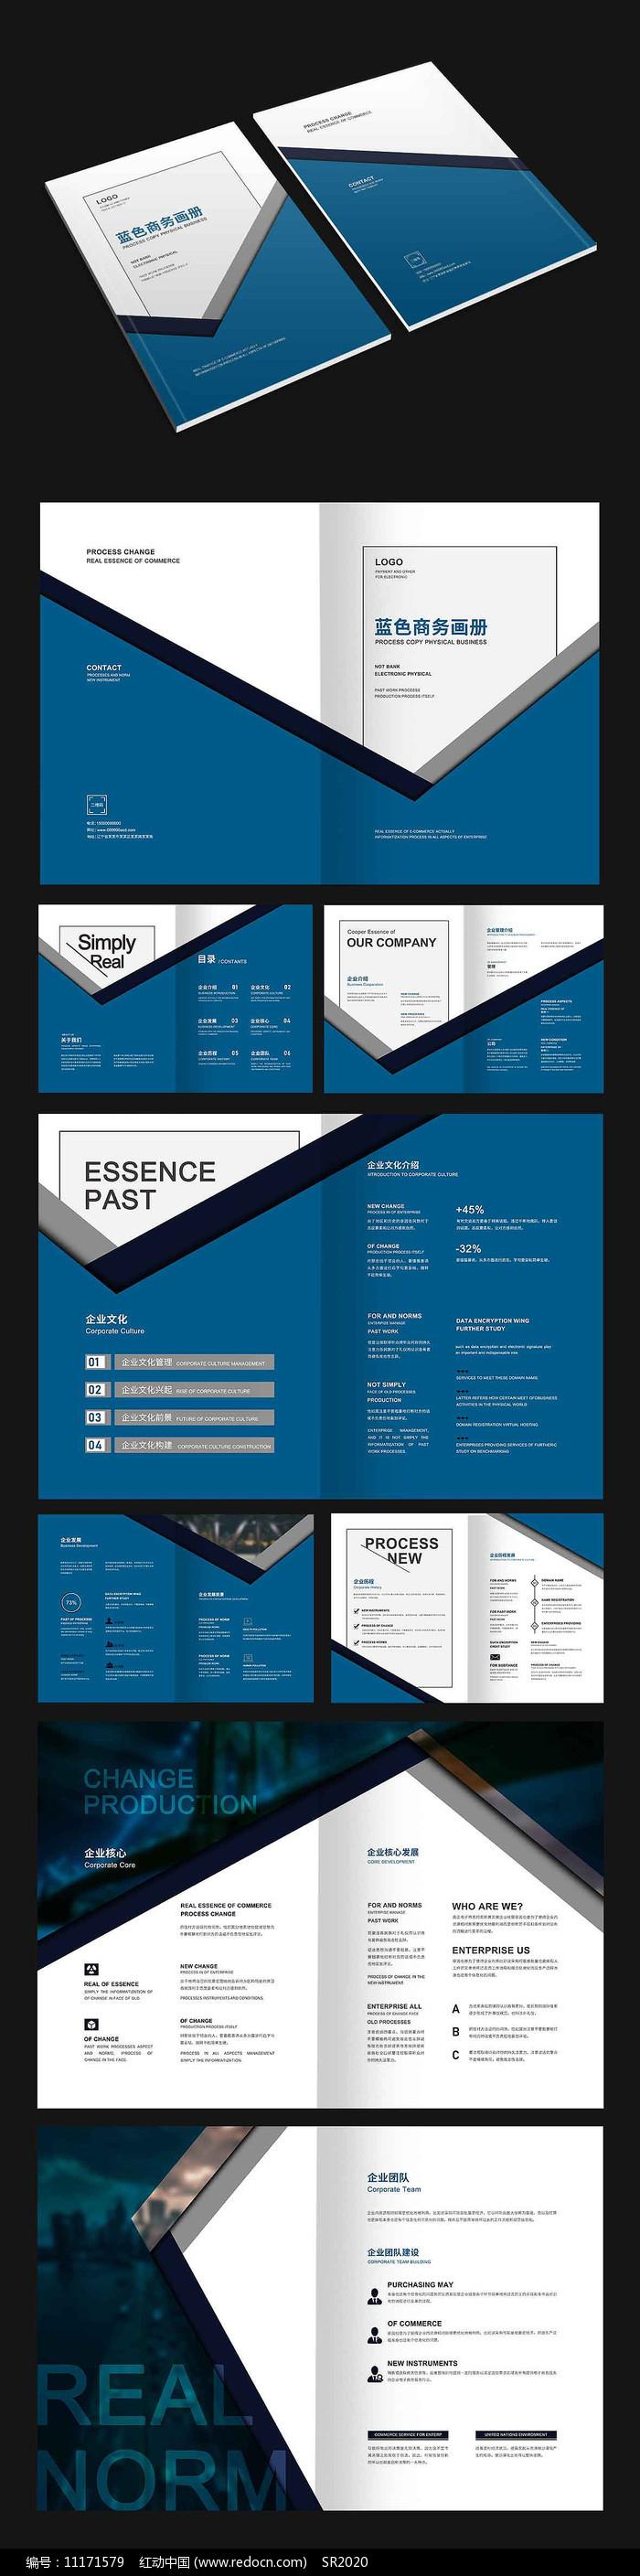 蓝色高端商务画册图片